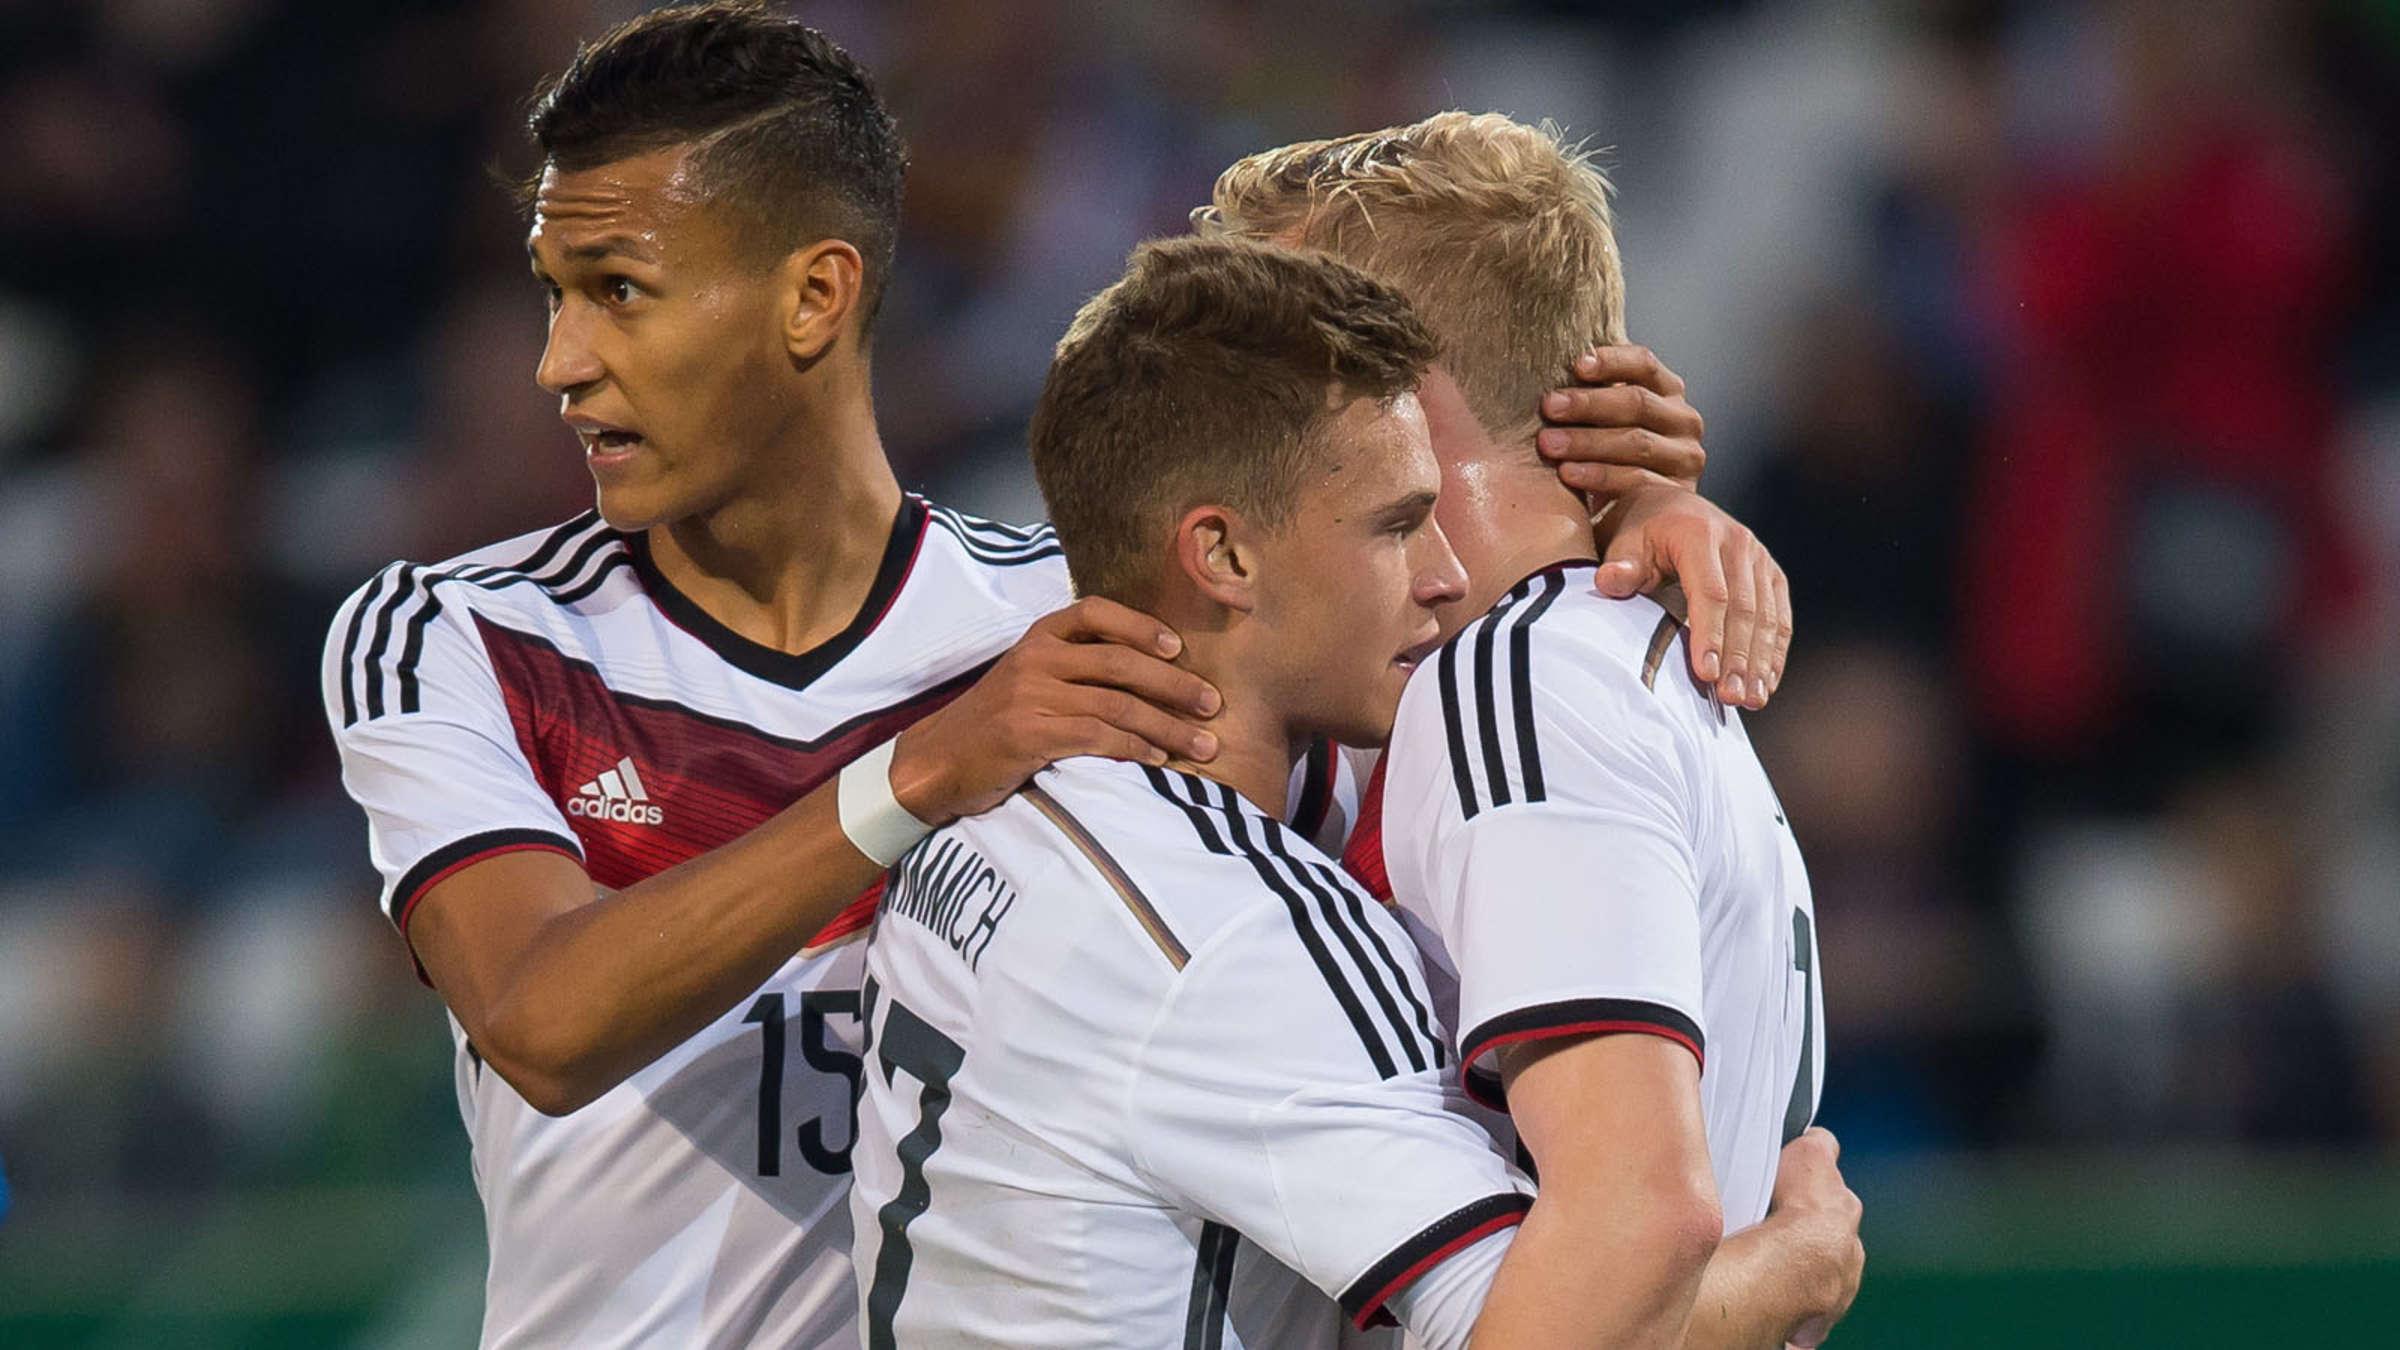 Fussball Bei Olympia 2016 Das Ist Der Kader Von Deutschland